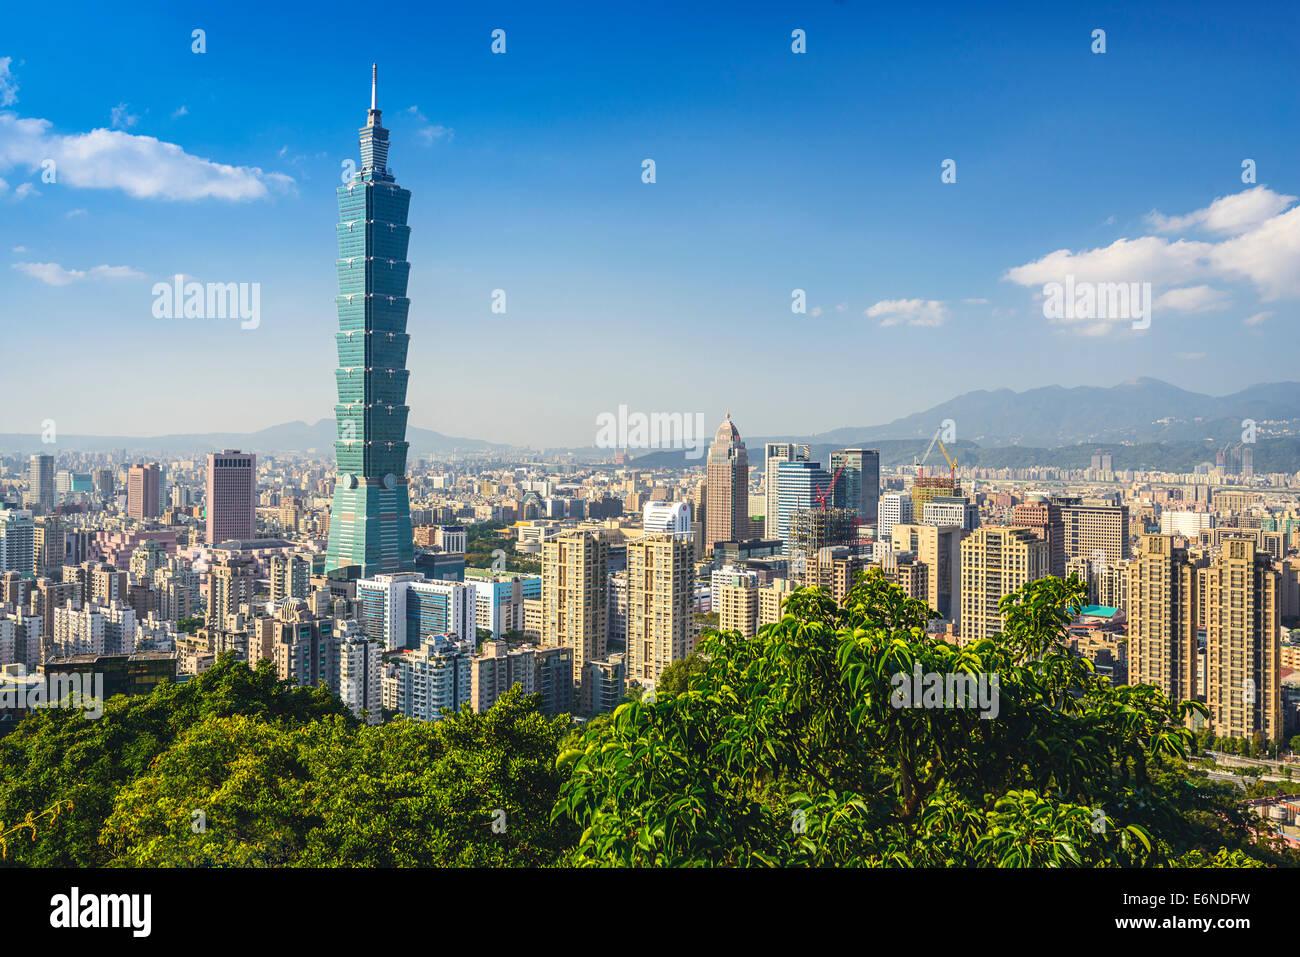 Taipei, Taiwan sur le centre-ville au quartier financier de Xinyi. Photo Stock